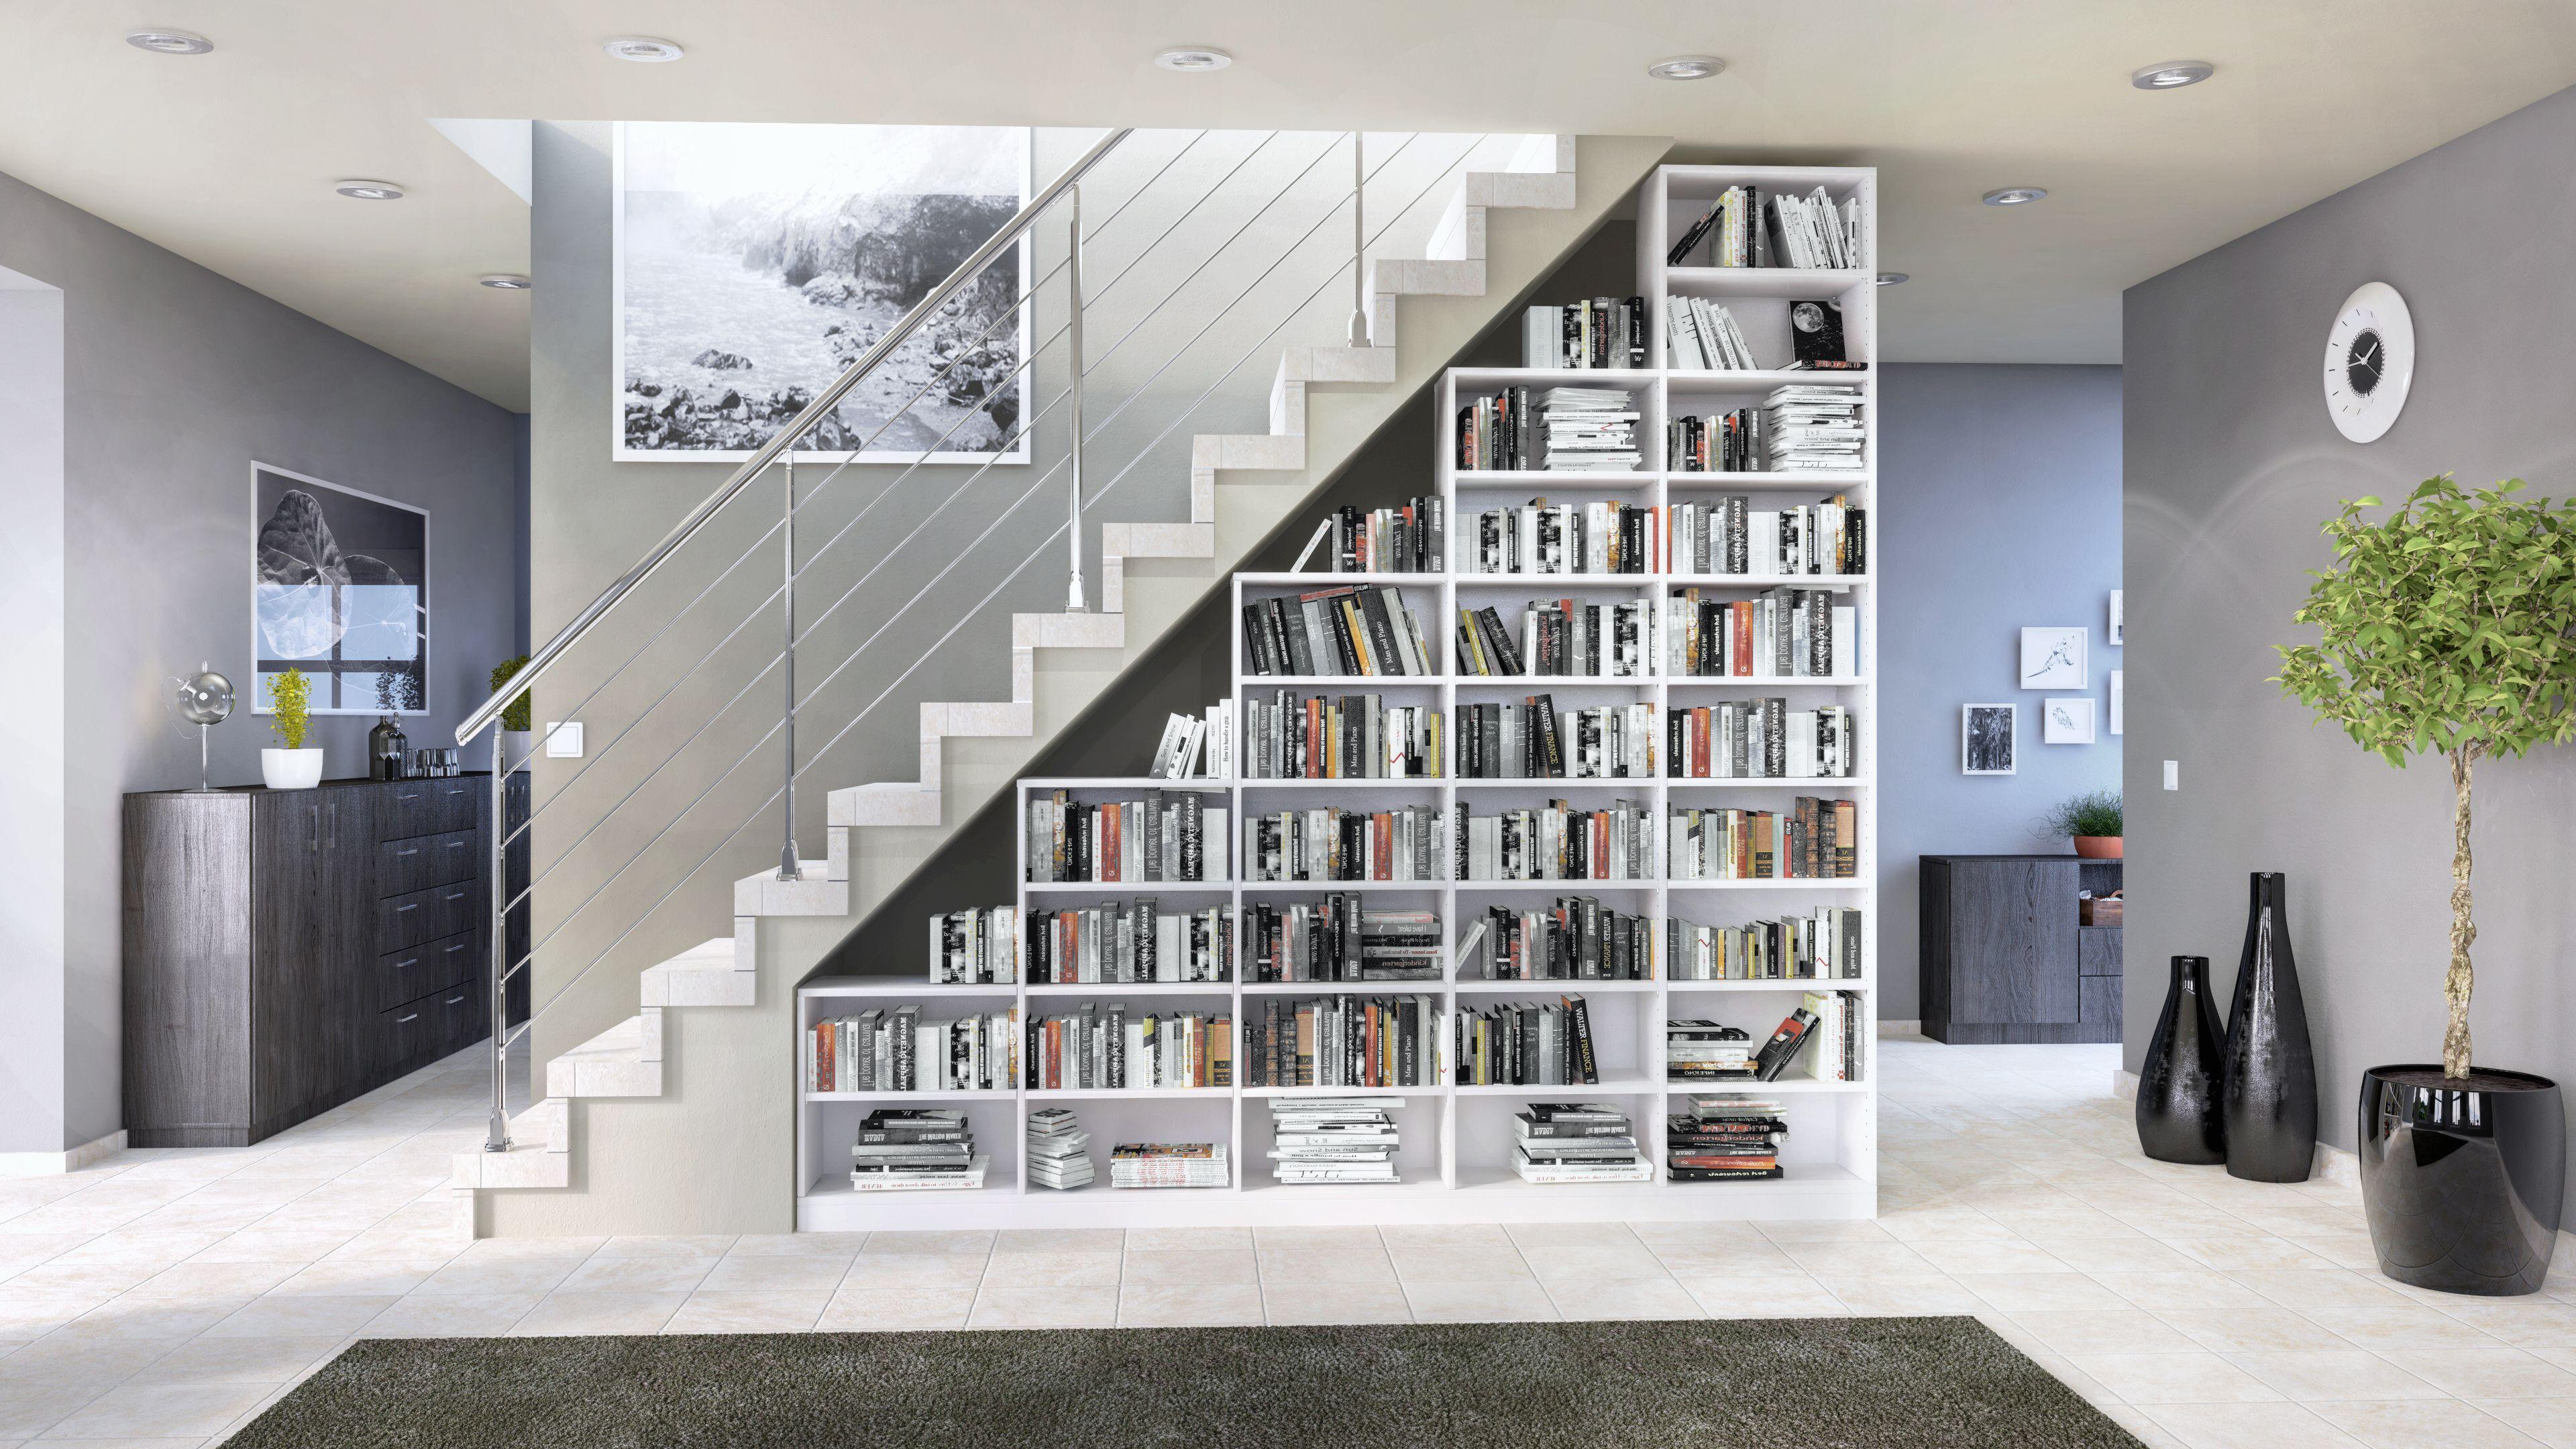 Das Regal Unter Der Treppe Von Deinschrank De Integriert Sich Perfekt In Den Raum Und Schafft Enorm Viel Stauraum Wohnen Regal Weiss Treppen Regal